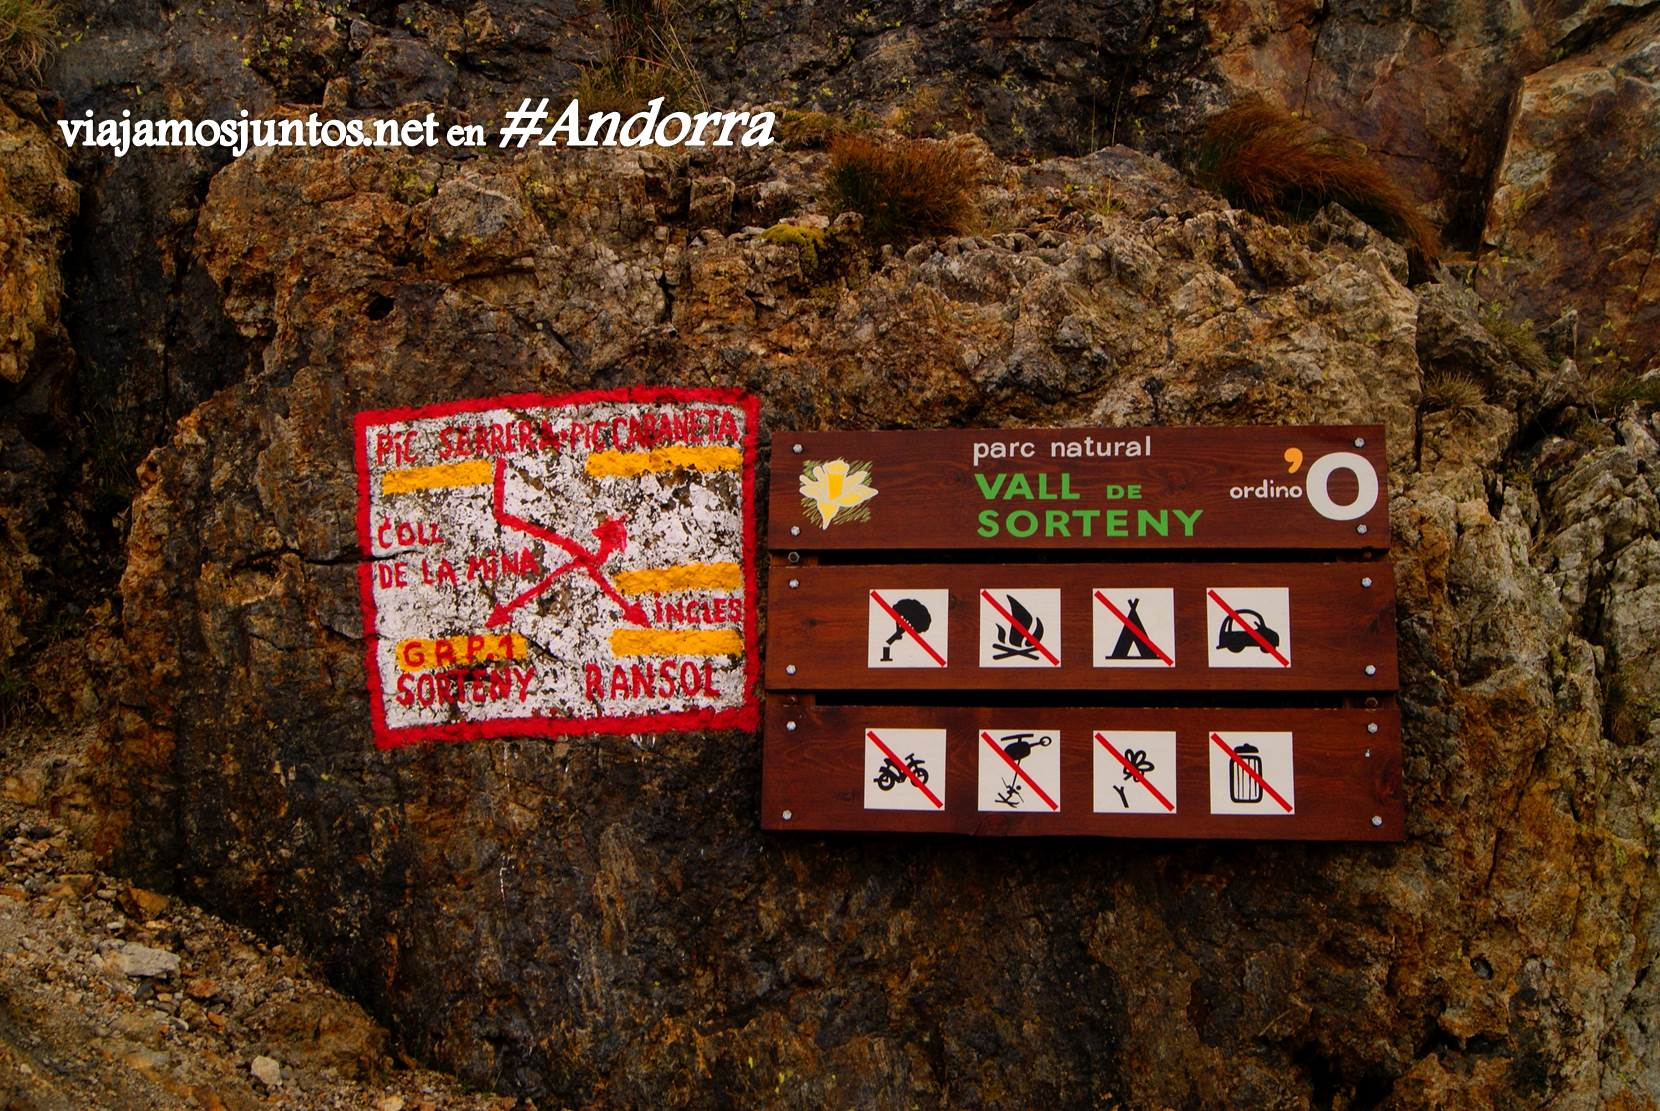 La señalización esquemática del GRP de Andorra